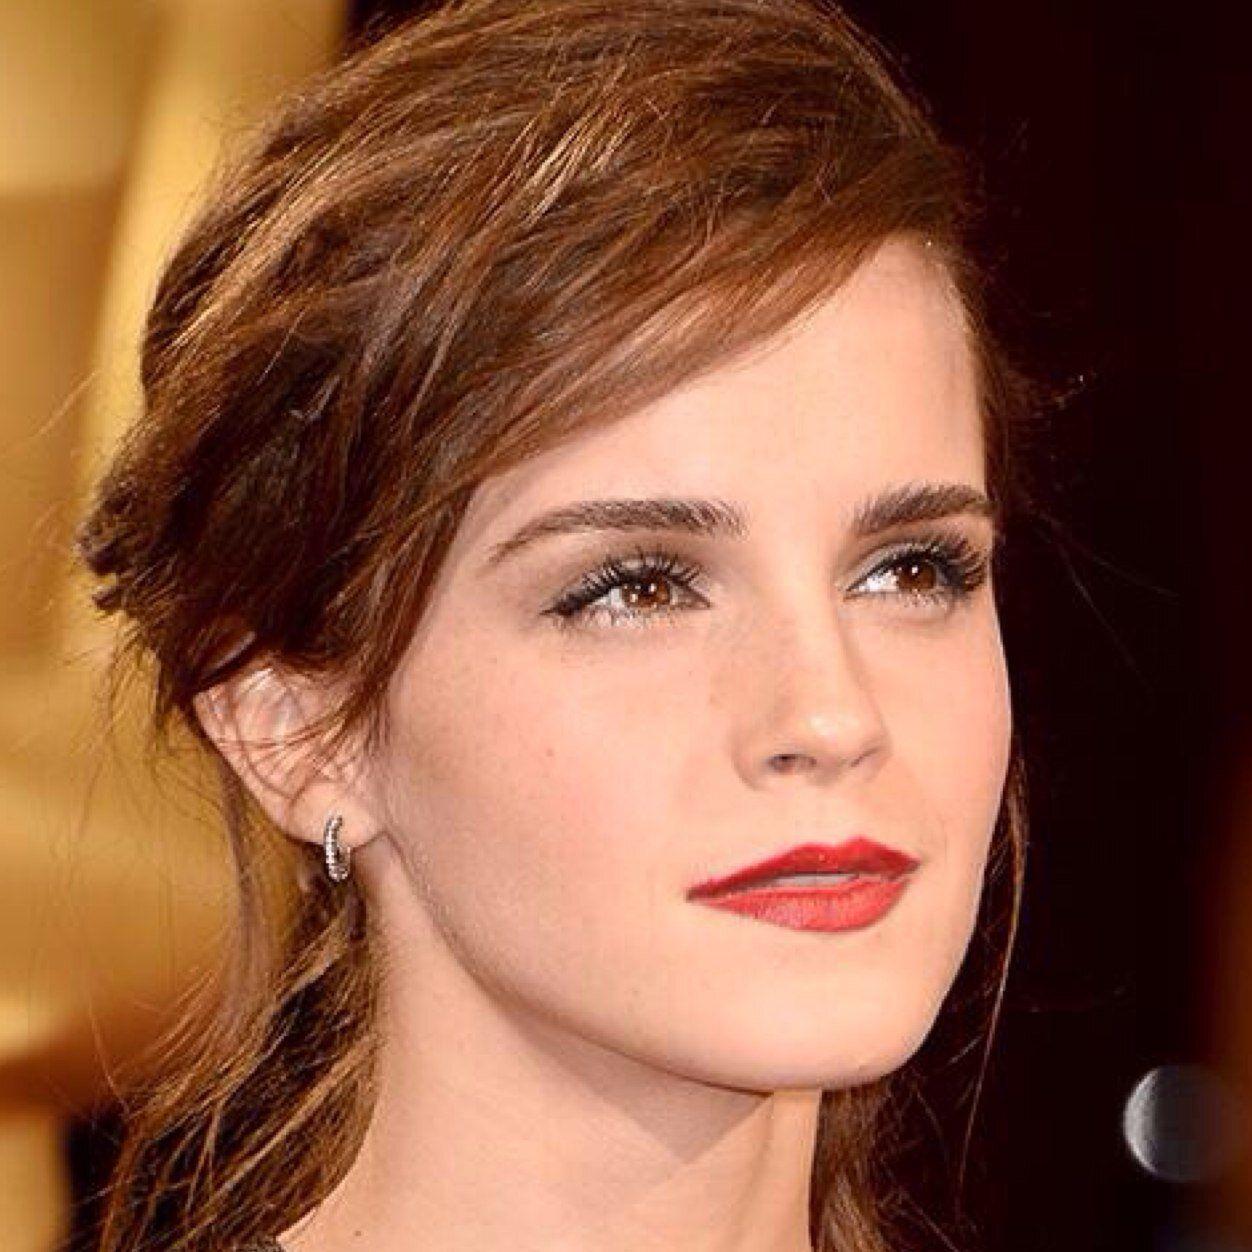 Google themes emma watson - Emma Watson Google Search